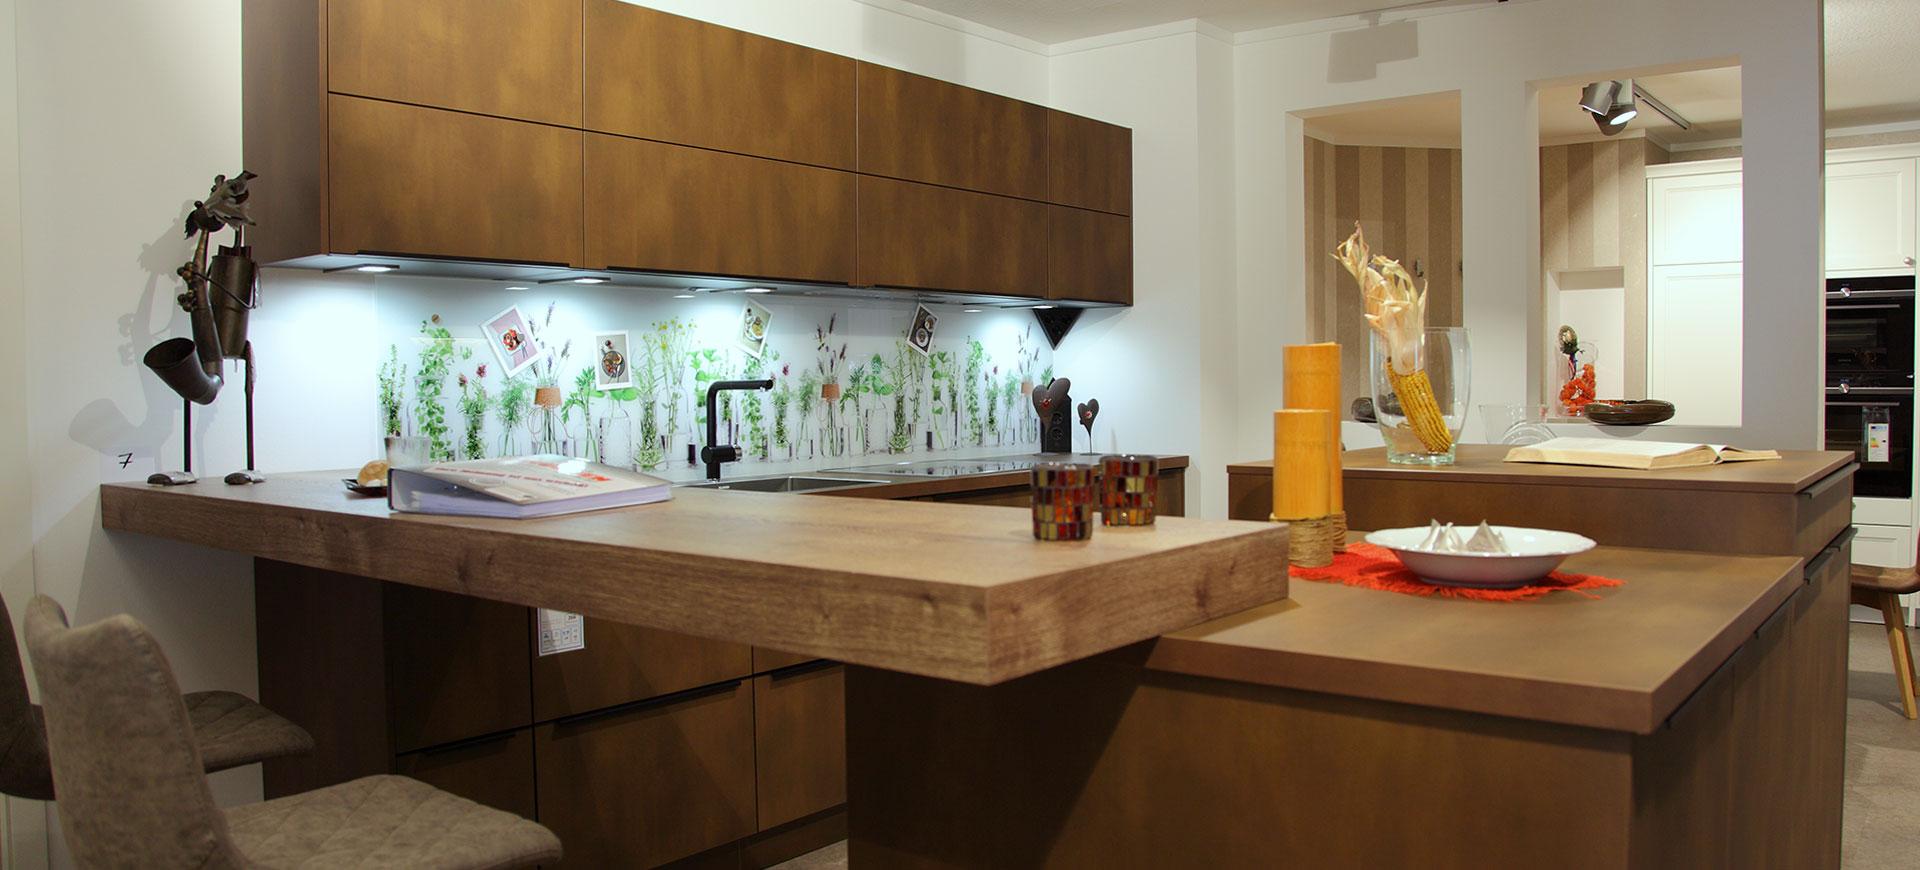 unser service im raum ingolstadt amberg neumarkt deggendorf k chenstudio k chenplanung der. Black Bedroom Furniture Sets. Home Design Ideas